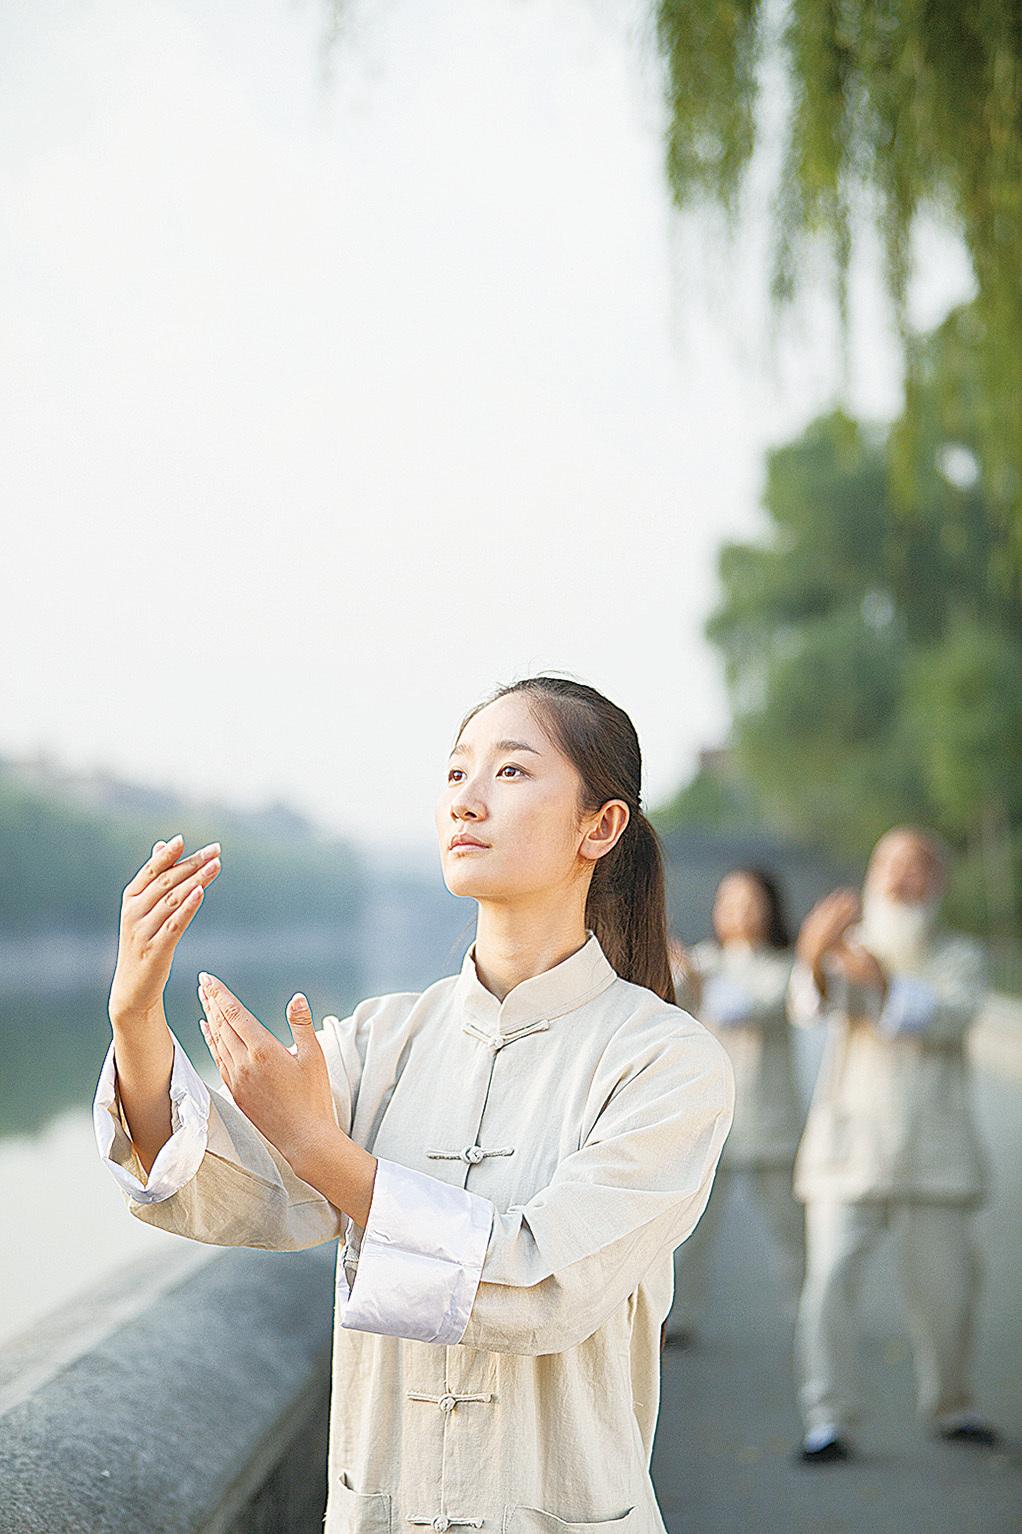 張三豐說,學太極拳,是為了給修道打基礎,而修道則以修心煉性為主。(shutterstock)